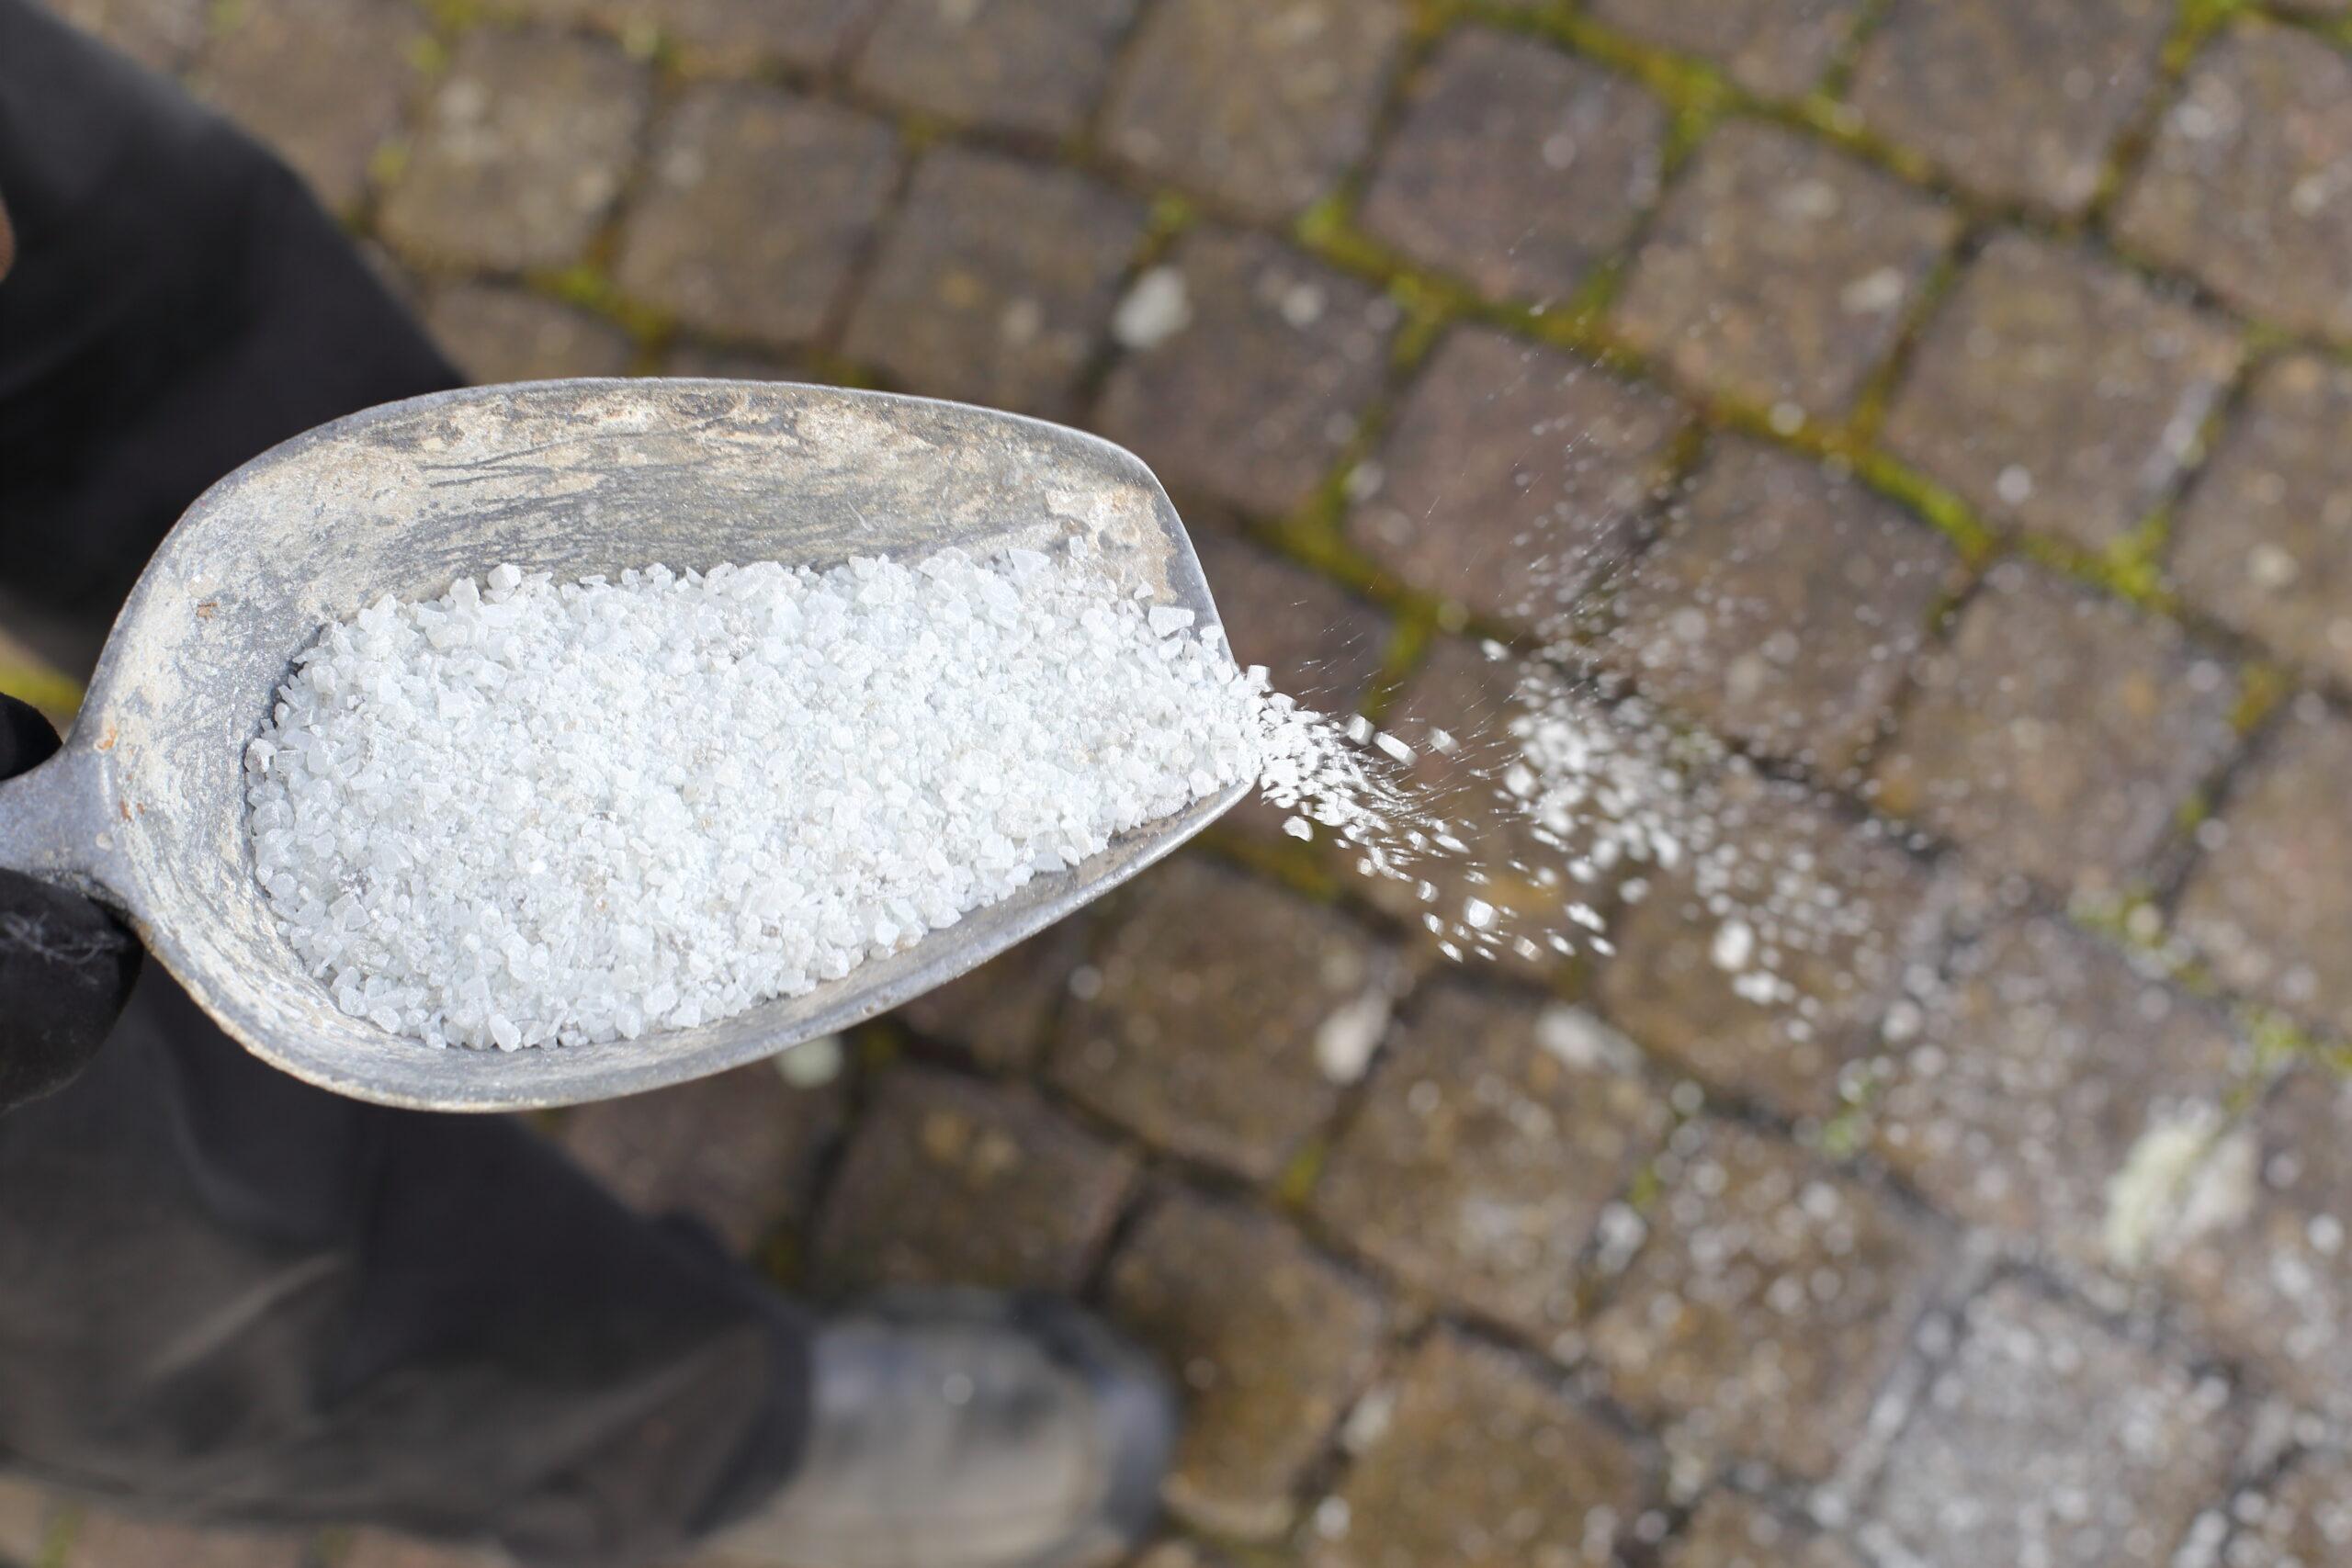 Winter gritting white salt